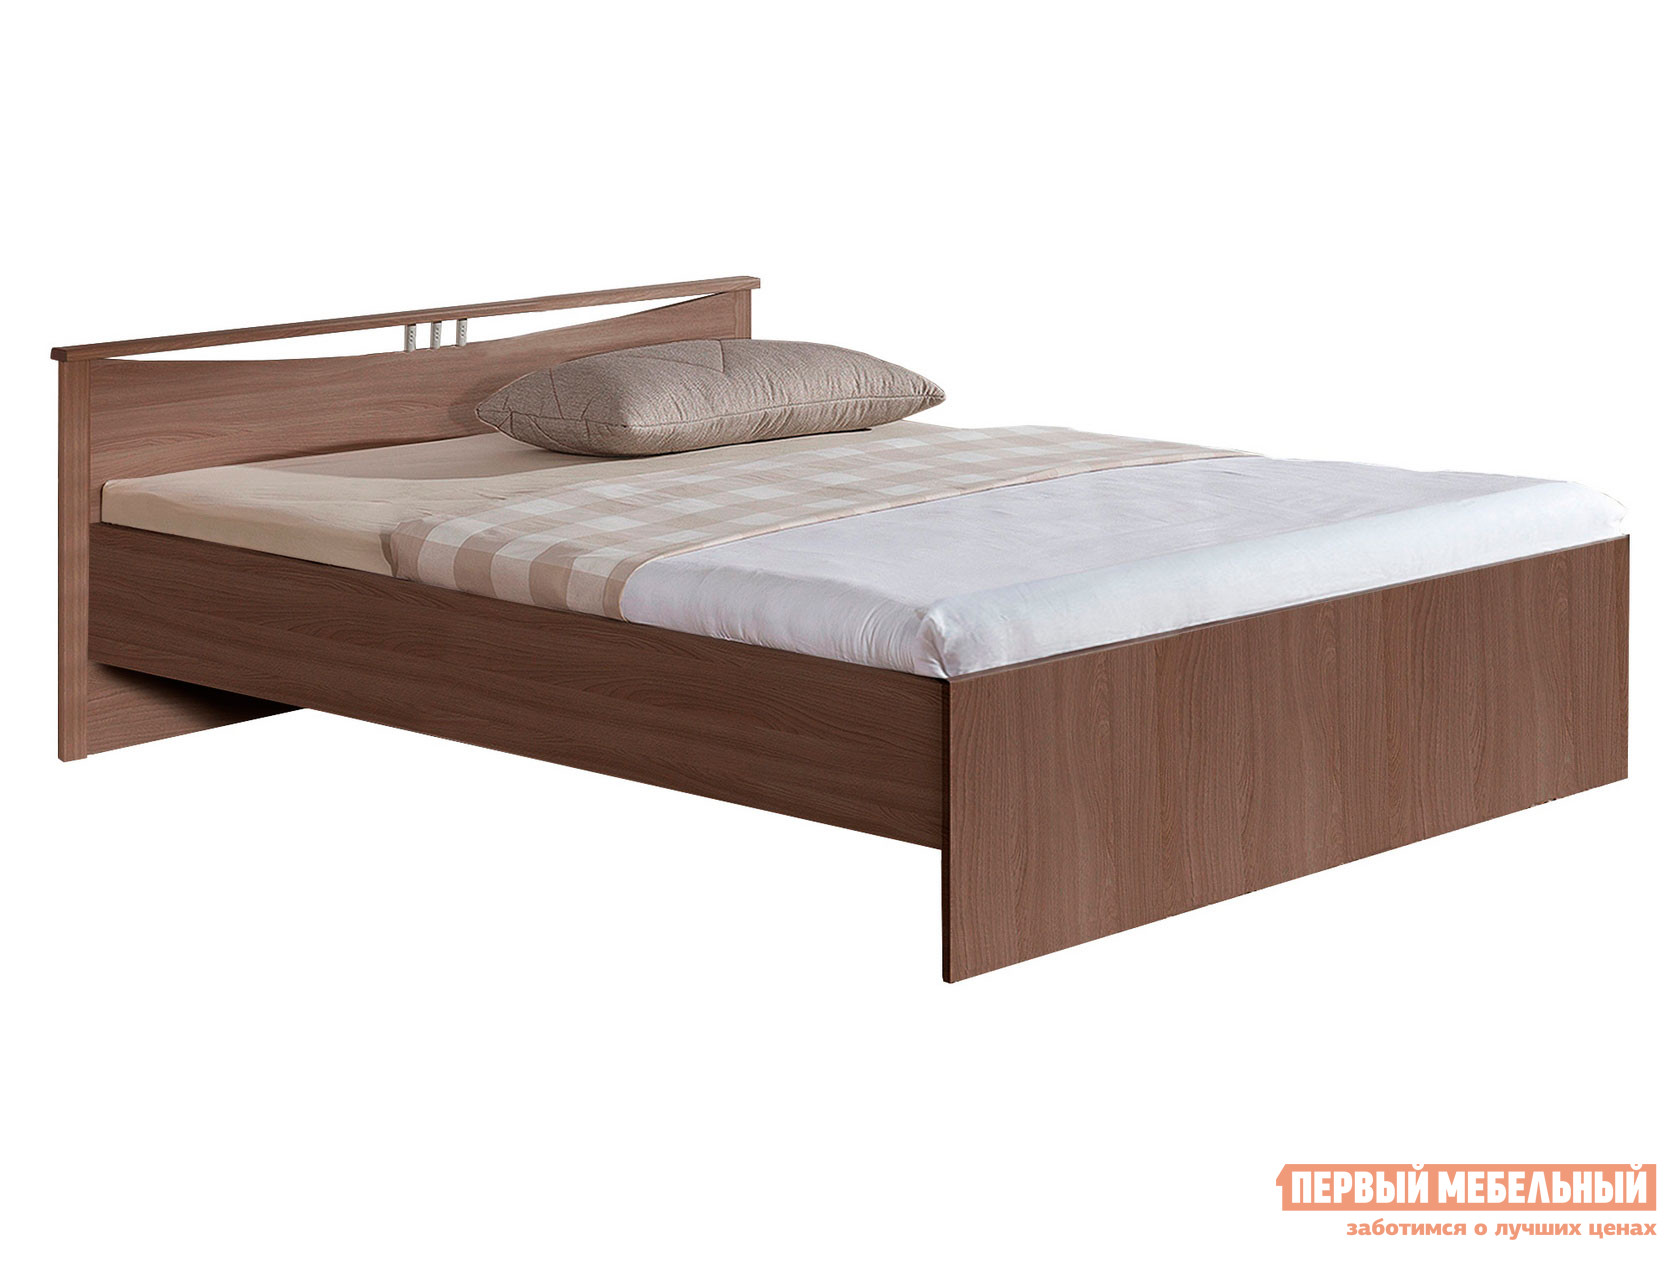 Односпальная кровать Боровичи Кровать Мелисса